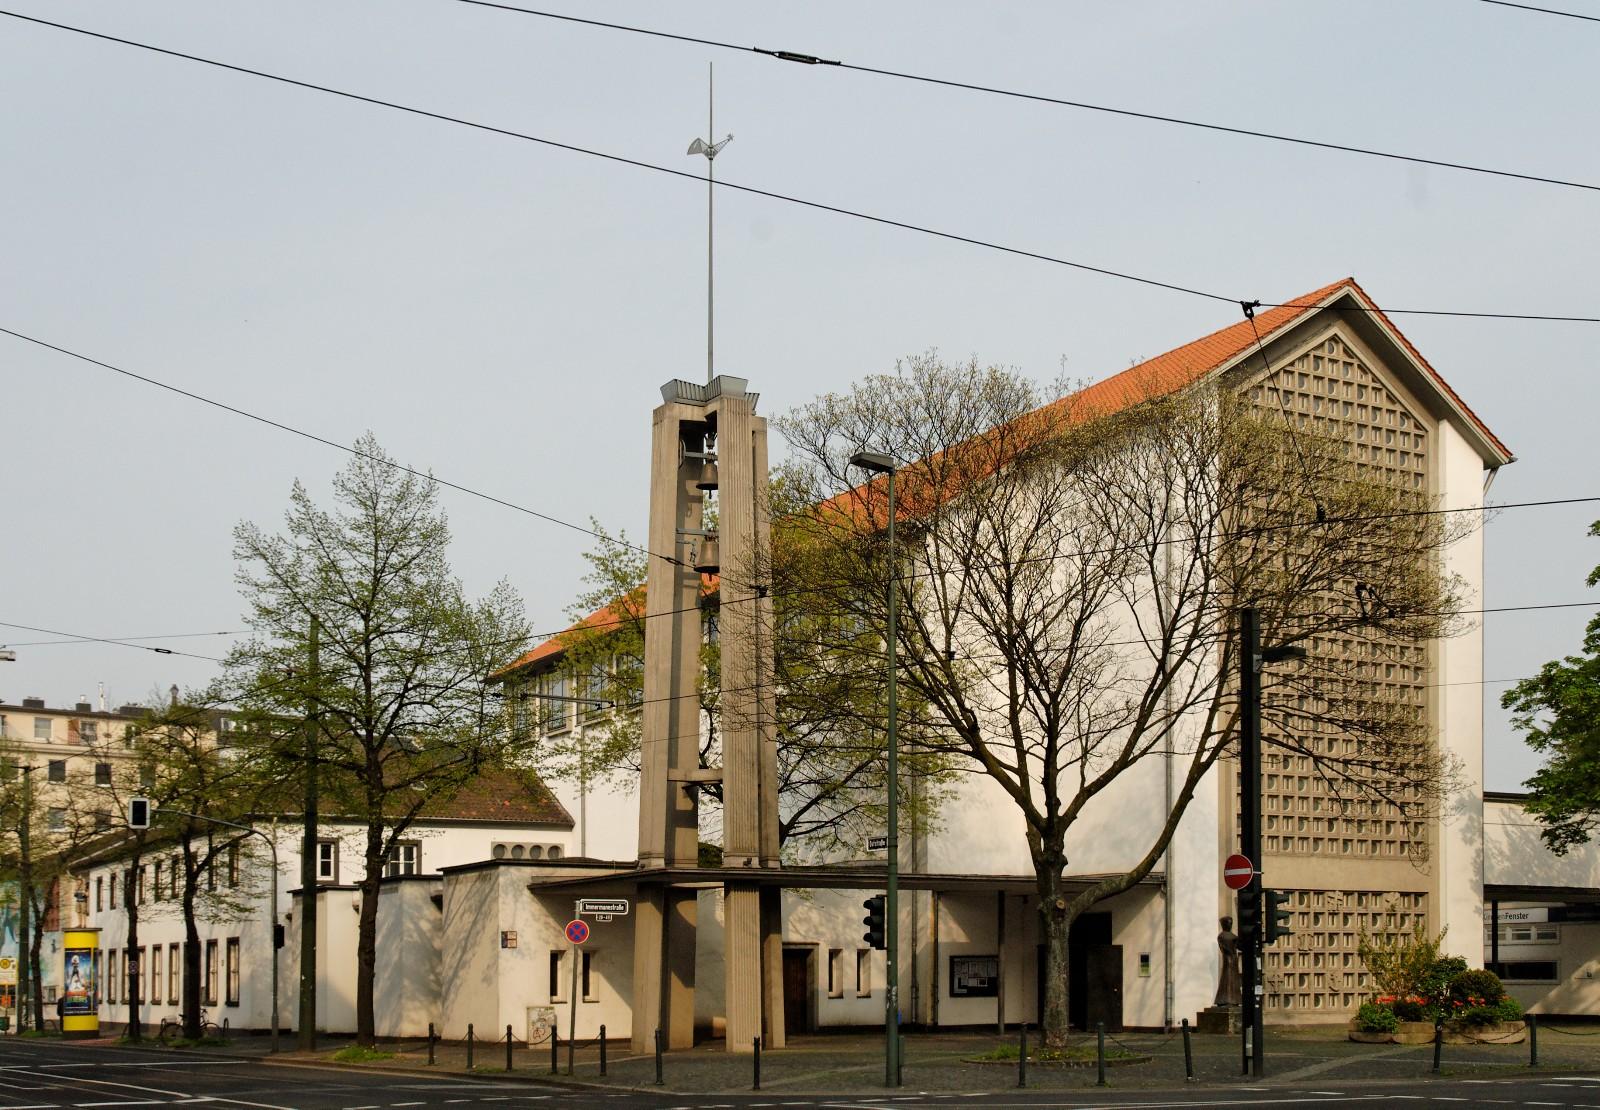 Eine Kunstausstellung ist die letzte Veranstaltung im Franziskanerkloster Düsseldorf, das 2016 abgerissen wird (Bild: Wiegels, CC BY-SA)